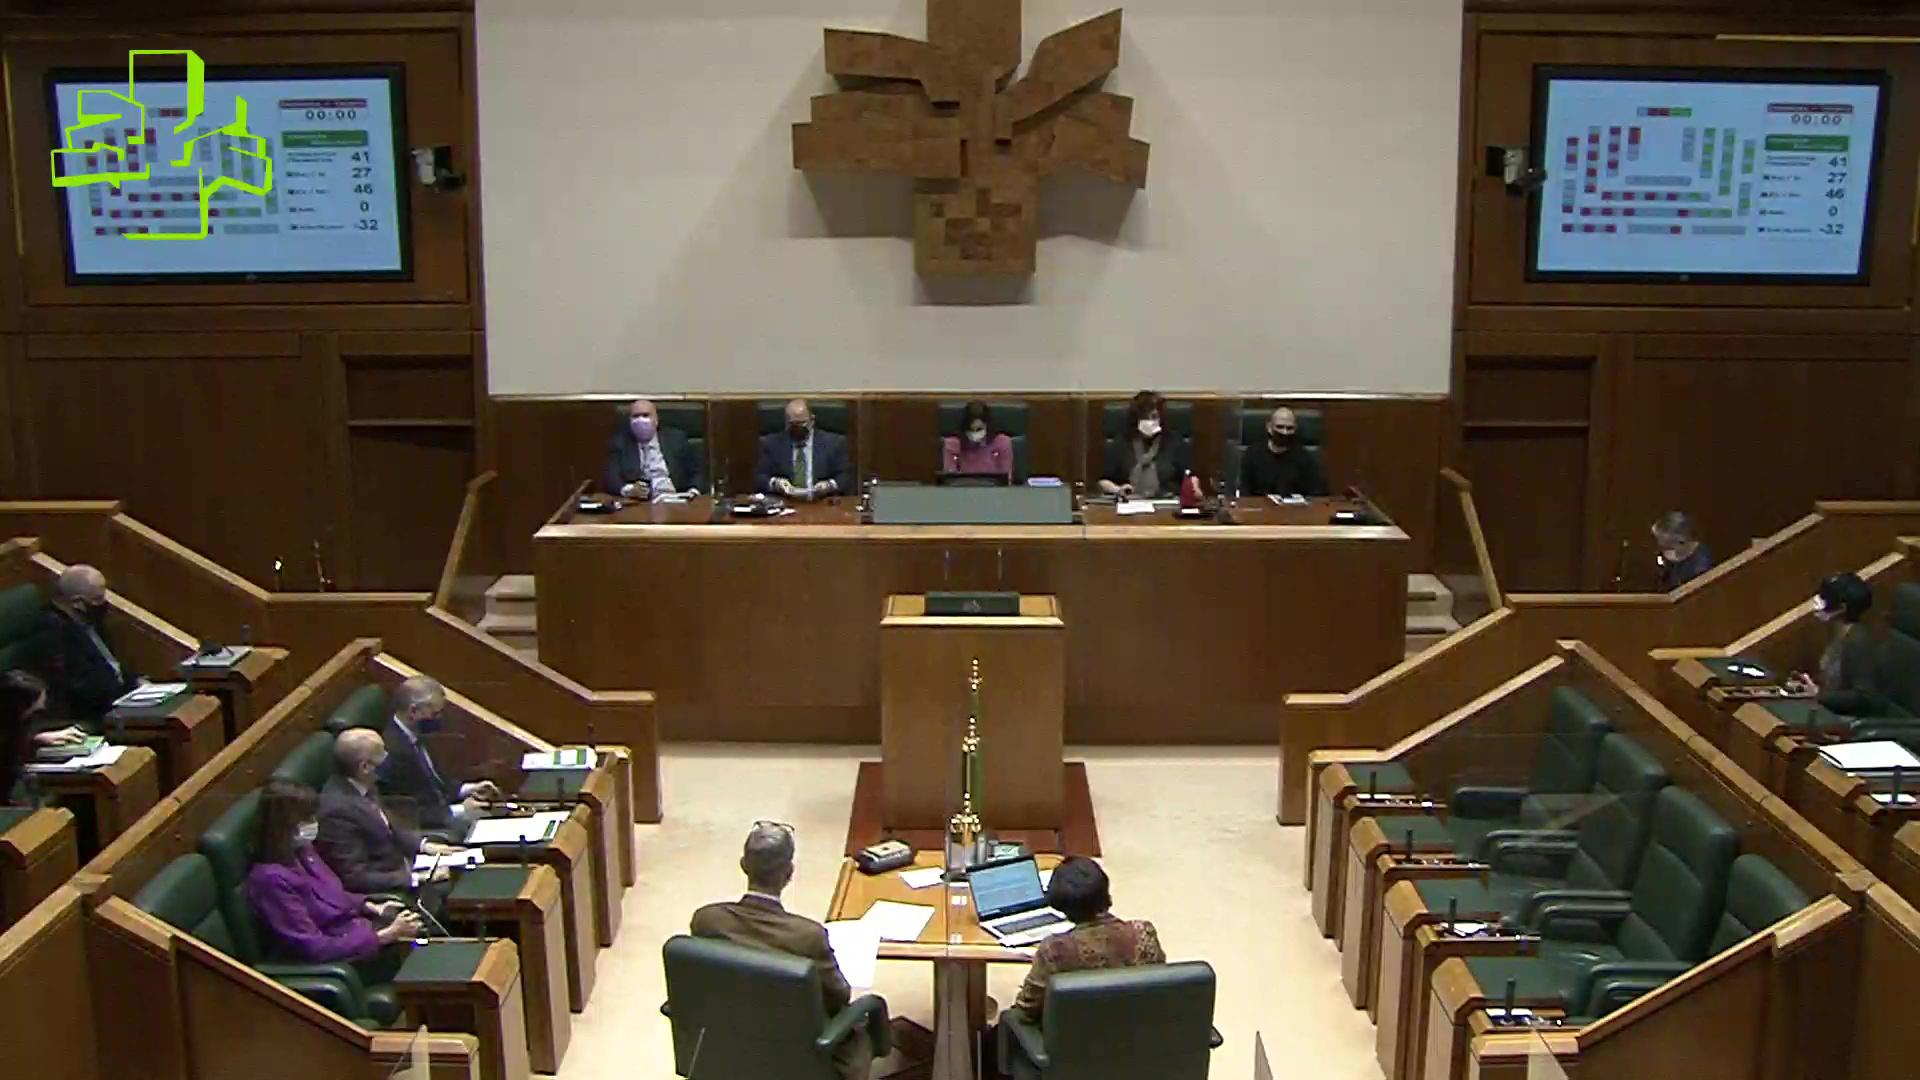 Pleno Ordinario (17/12/2020) [308:13]